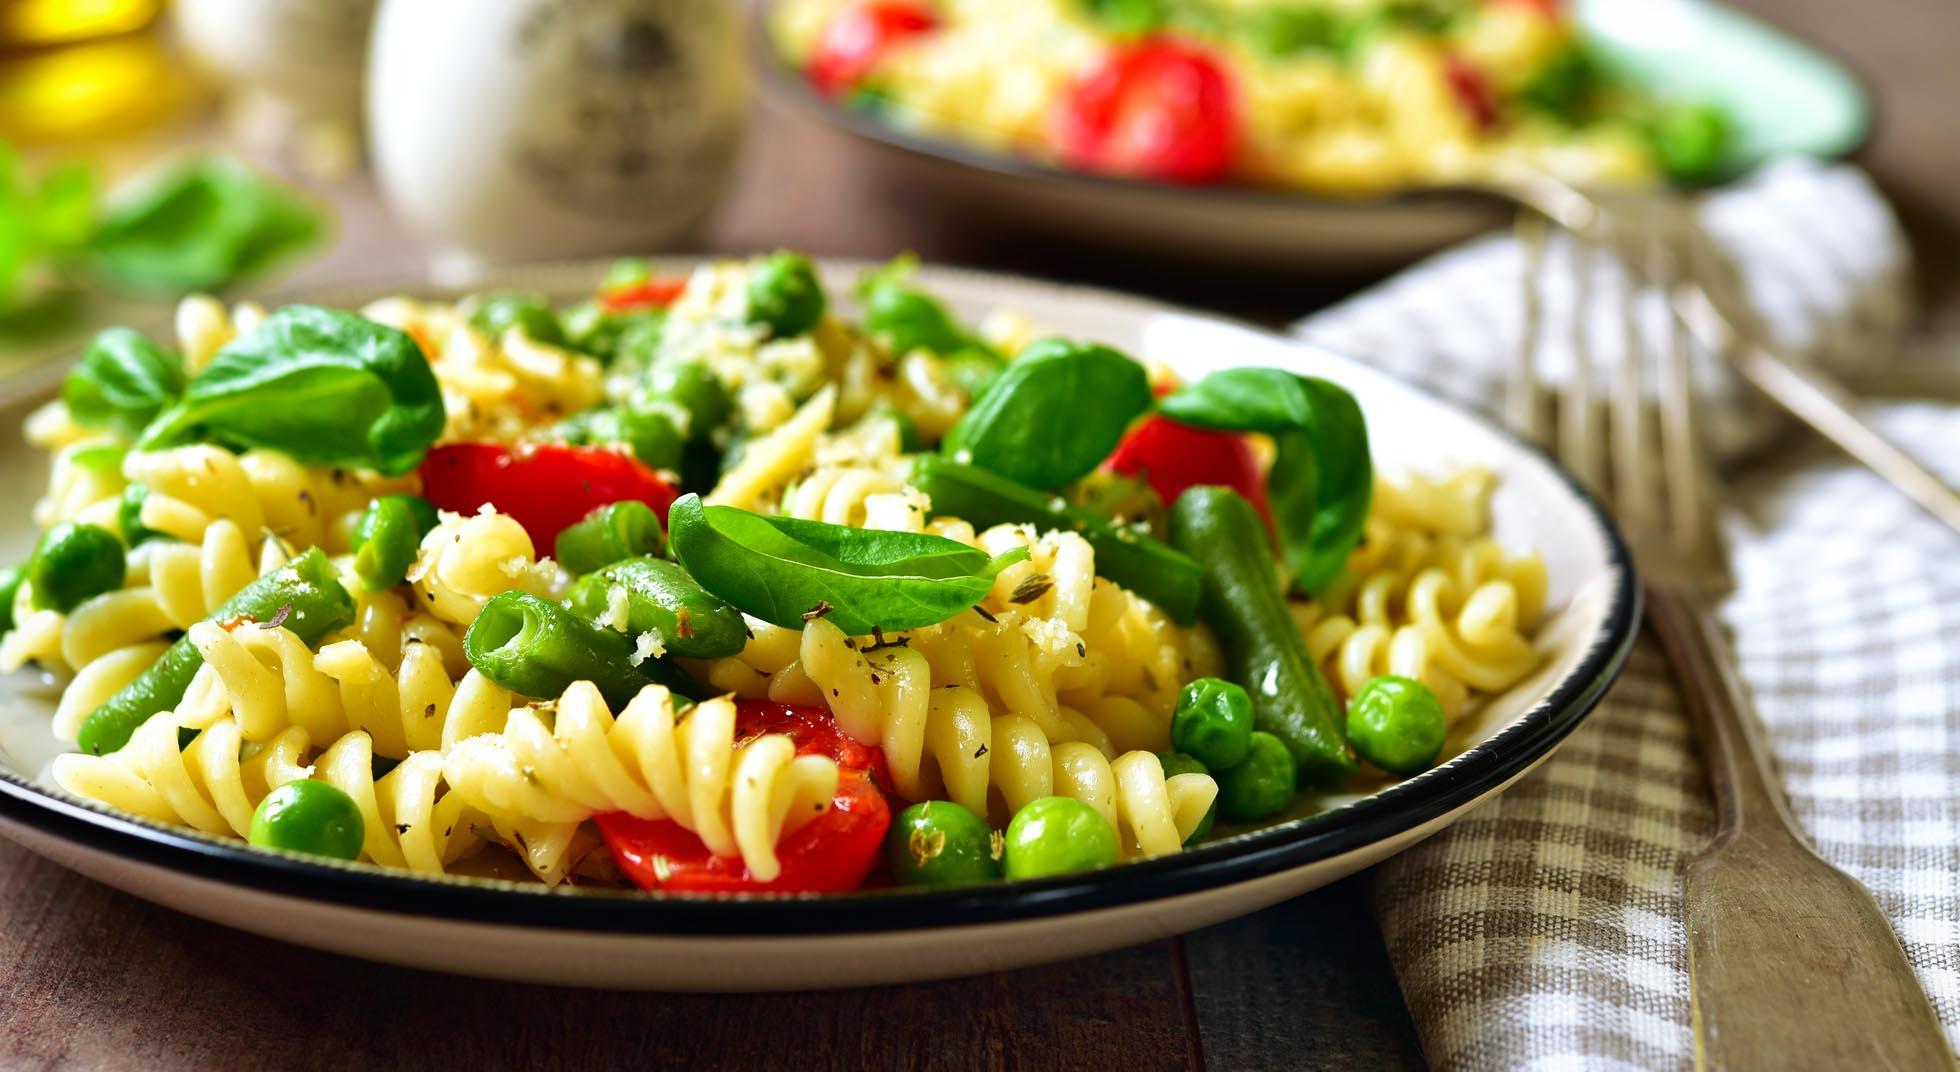 6 ricette estive facili e veloci da copiare aia food for Ricette veloci da cucinare